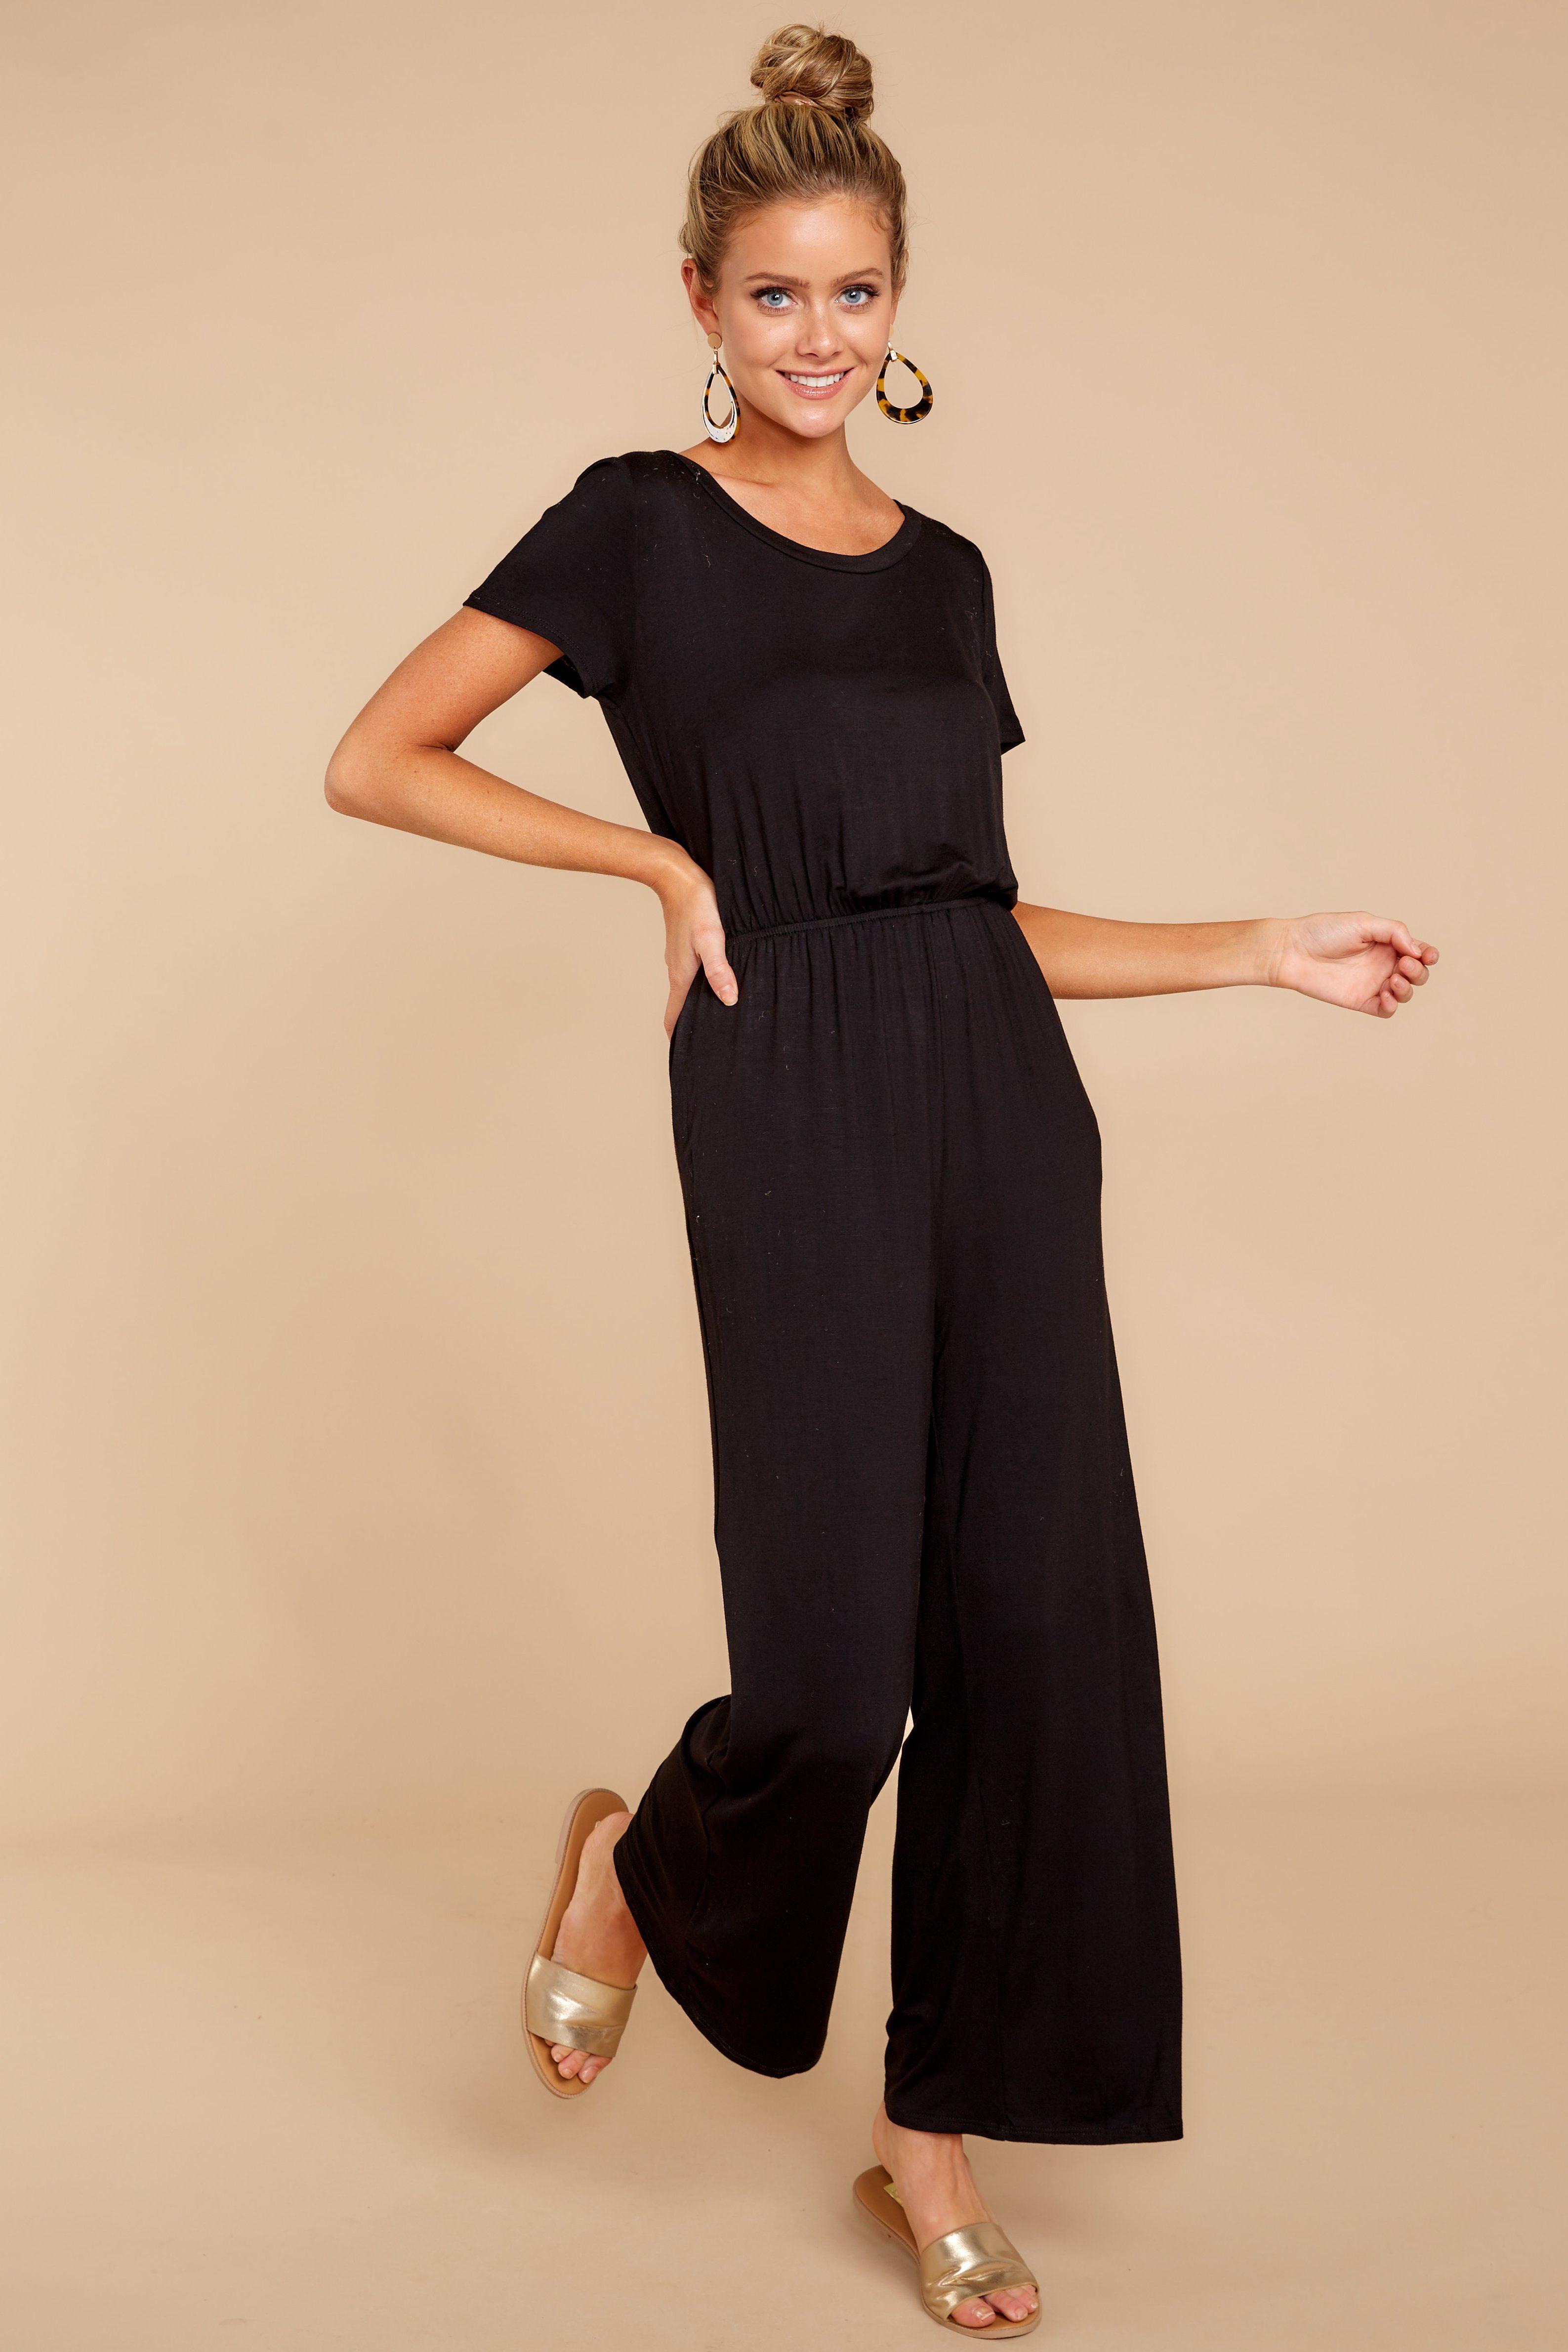 Pretty Black Jumpsuit Casual Jumpsuit Playsuit 42 00 Red Dress Boutique Casual Black Jumpsuit Casual Jumpsuit Black Jumpsuit Outfit [ 4761 x 3174 Pixel ]